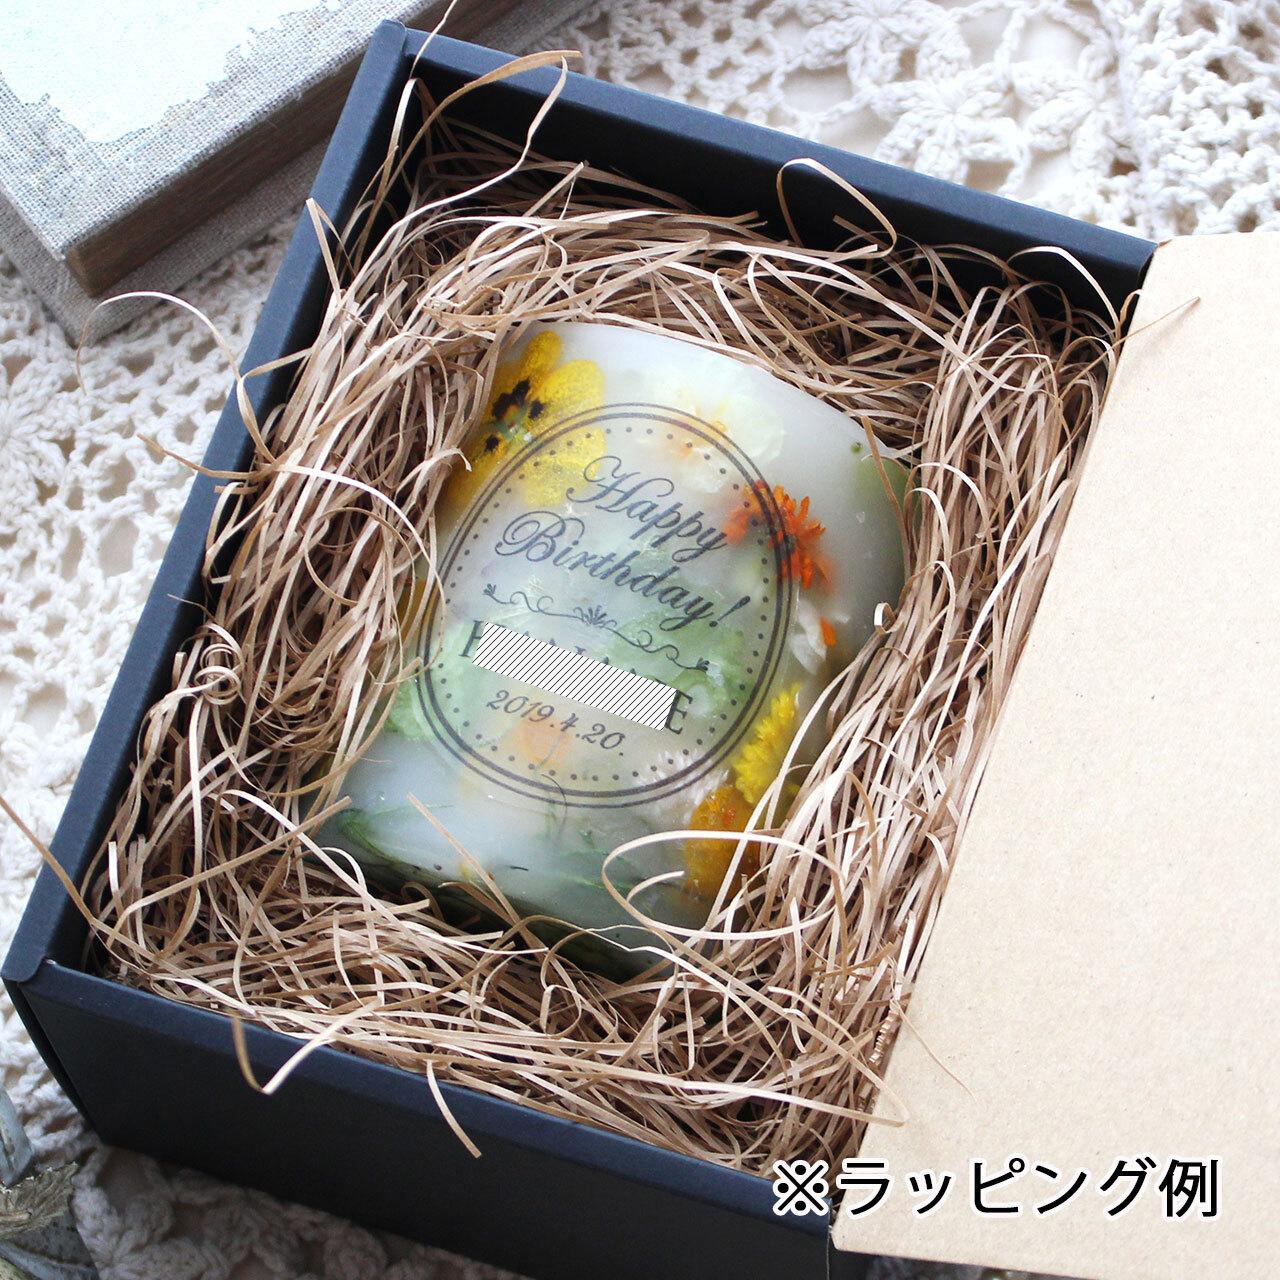 NC268 ギフトラッピング付き☆メッセージ&日付&名入れボタニカルキャンドル ローズ